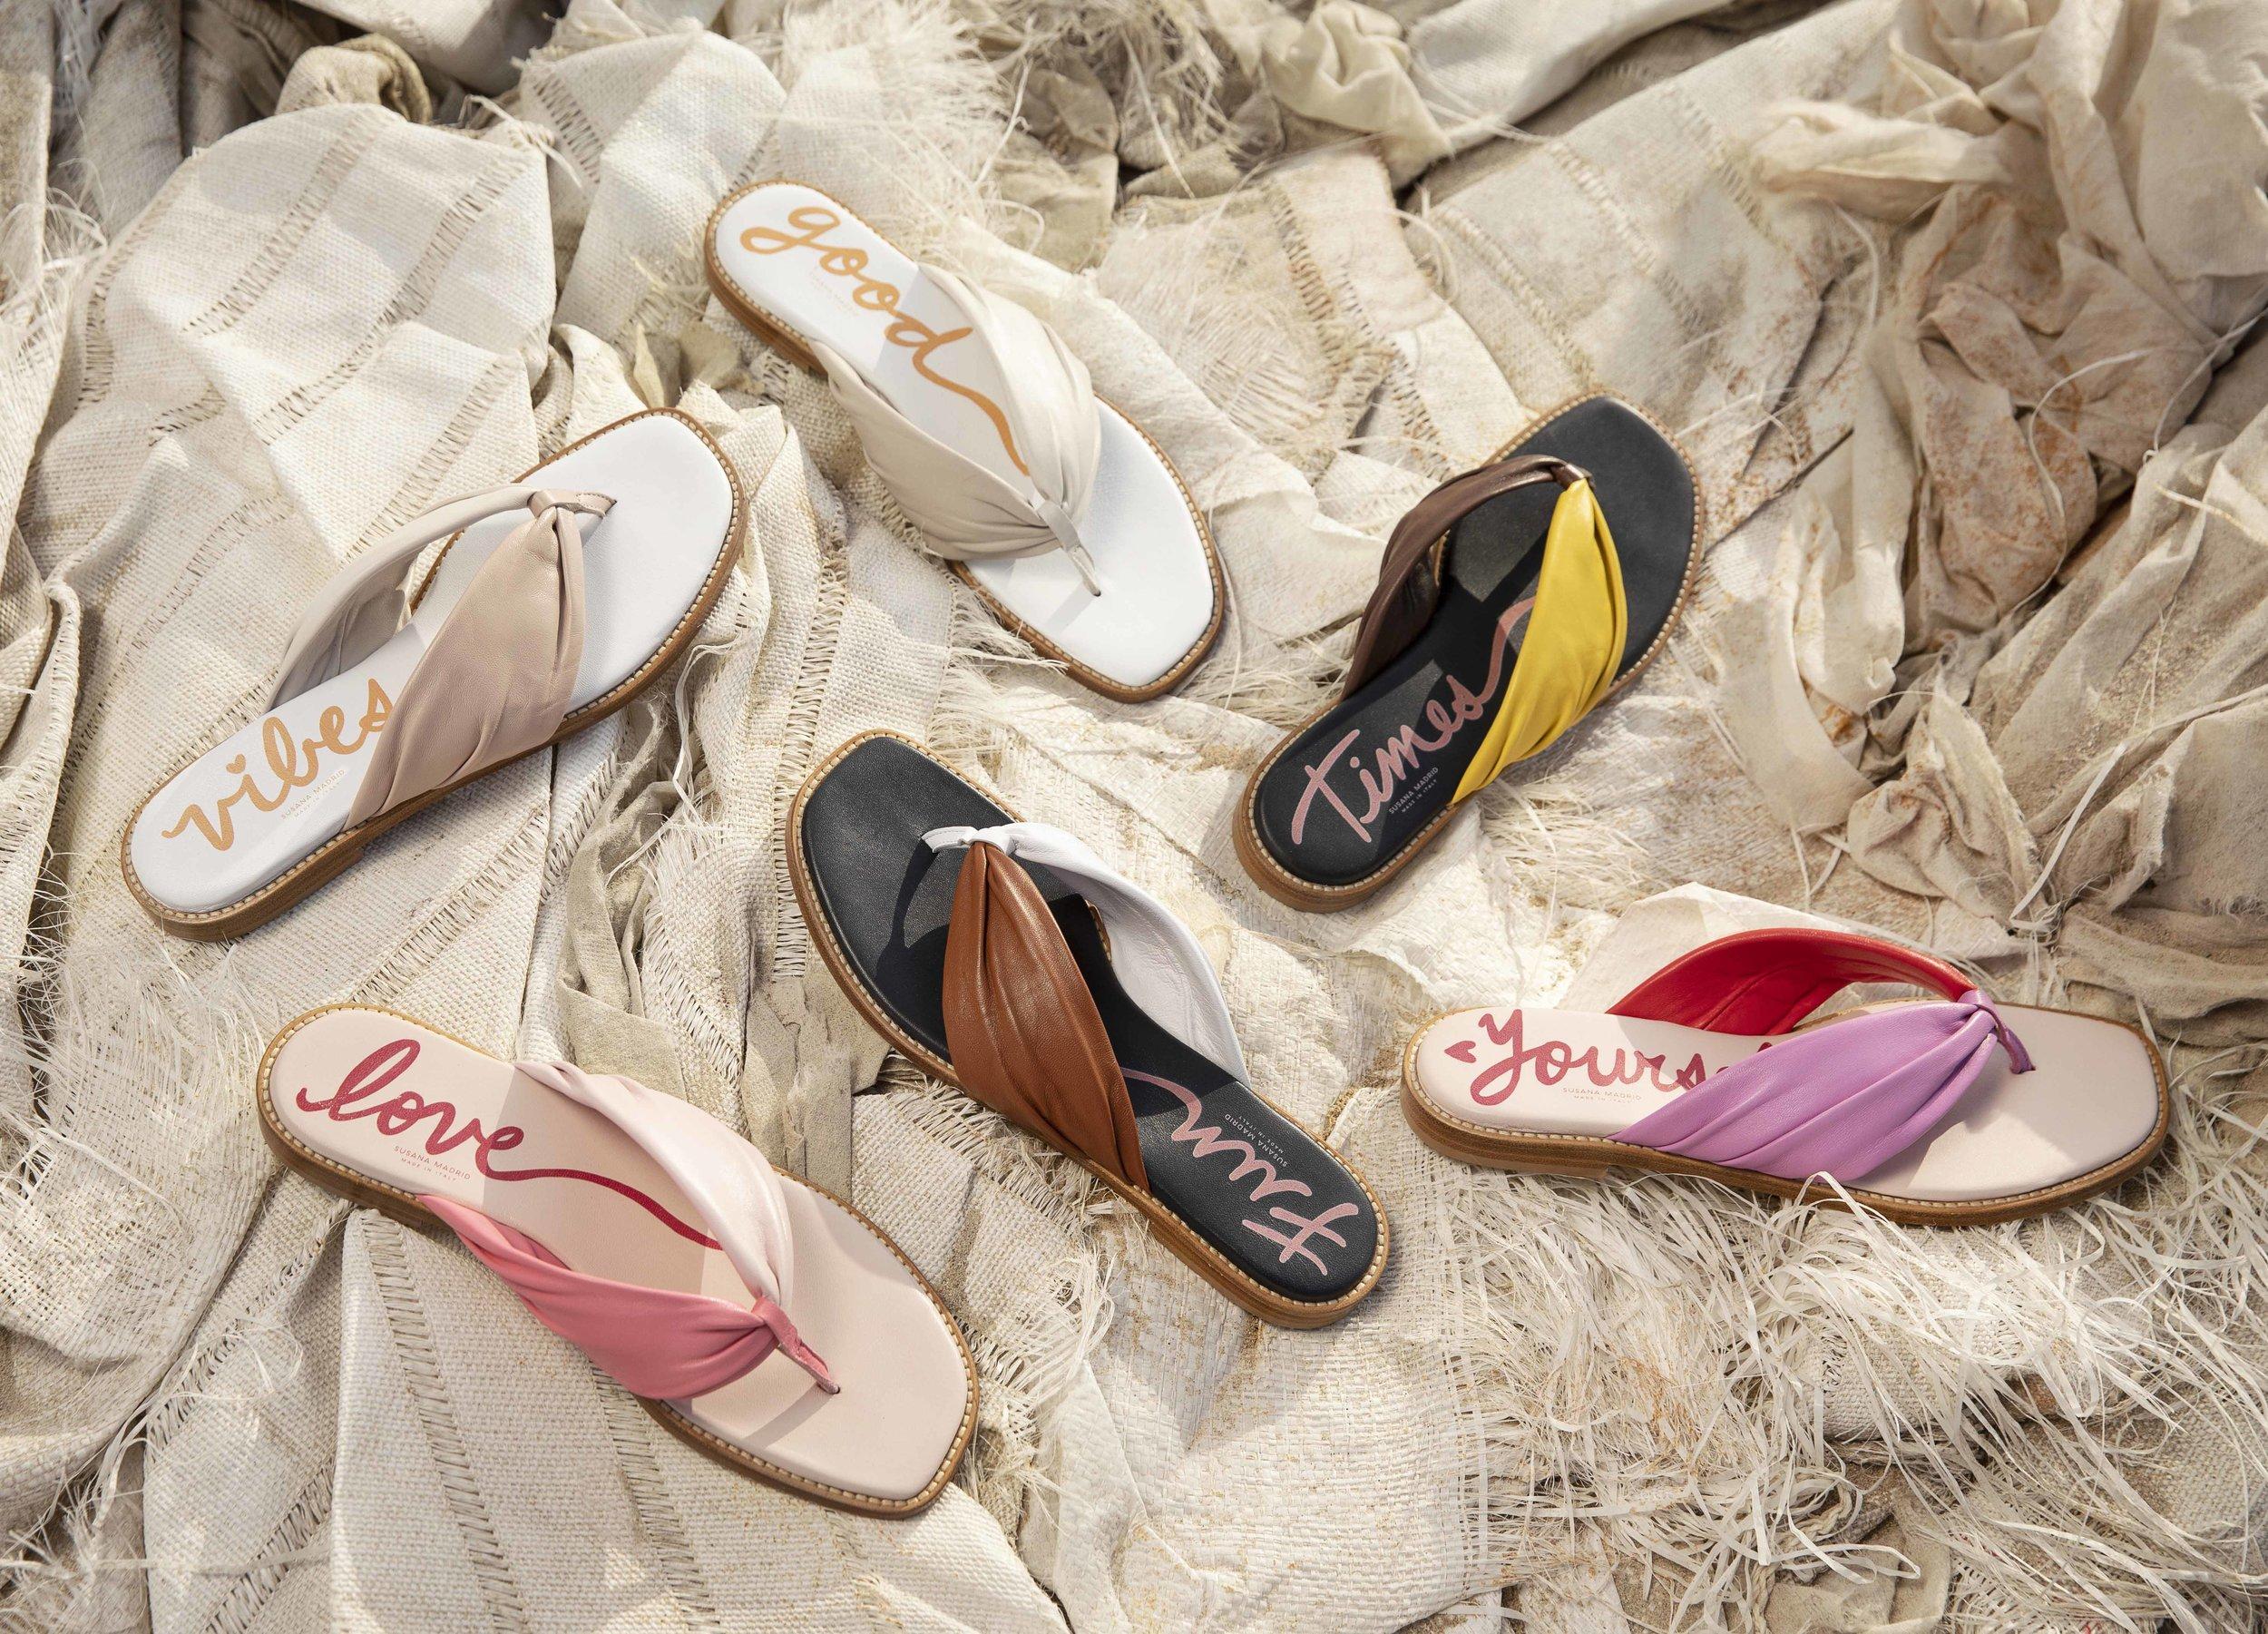 The Tribute Collection Verano Flip Flop, The Dreamer, The Explorer, Alma Rosa